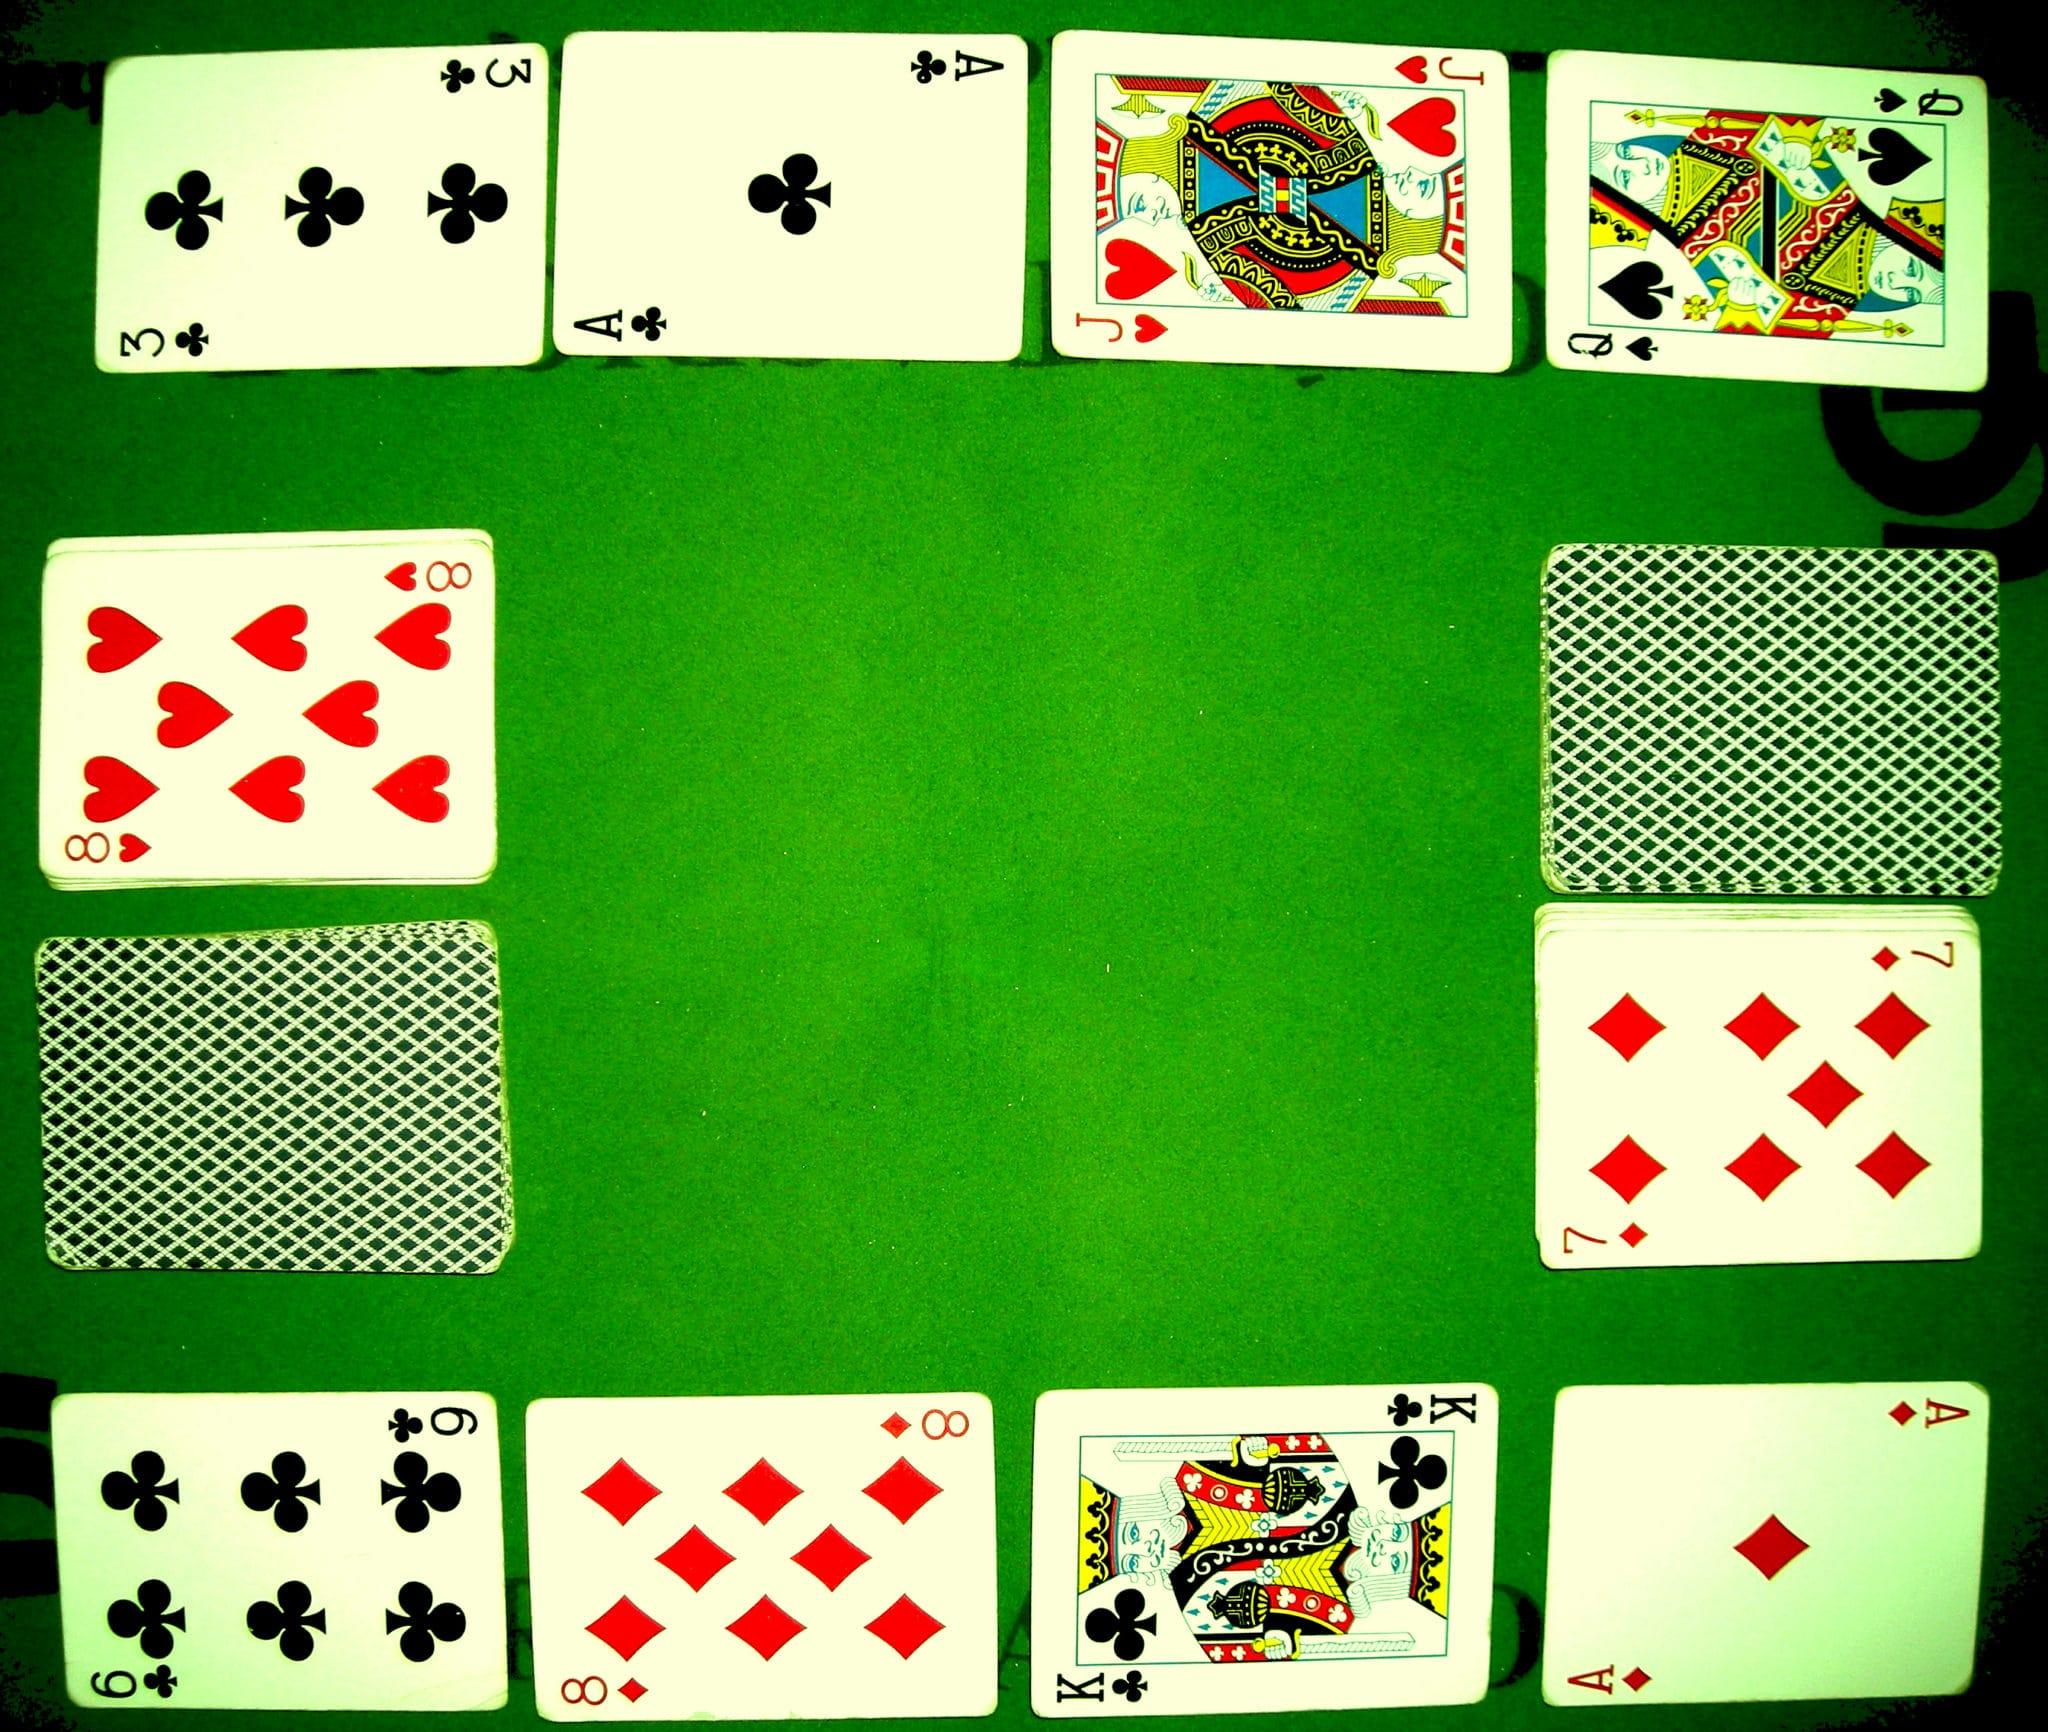 jeu de carte crapette Règle crapette   Règles du jeu de la crapette   Jeux de cartes